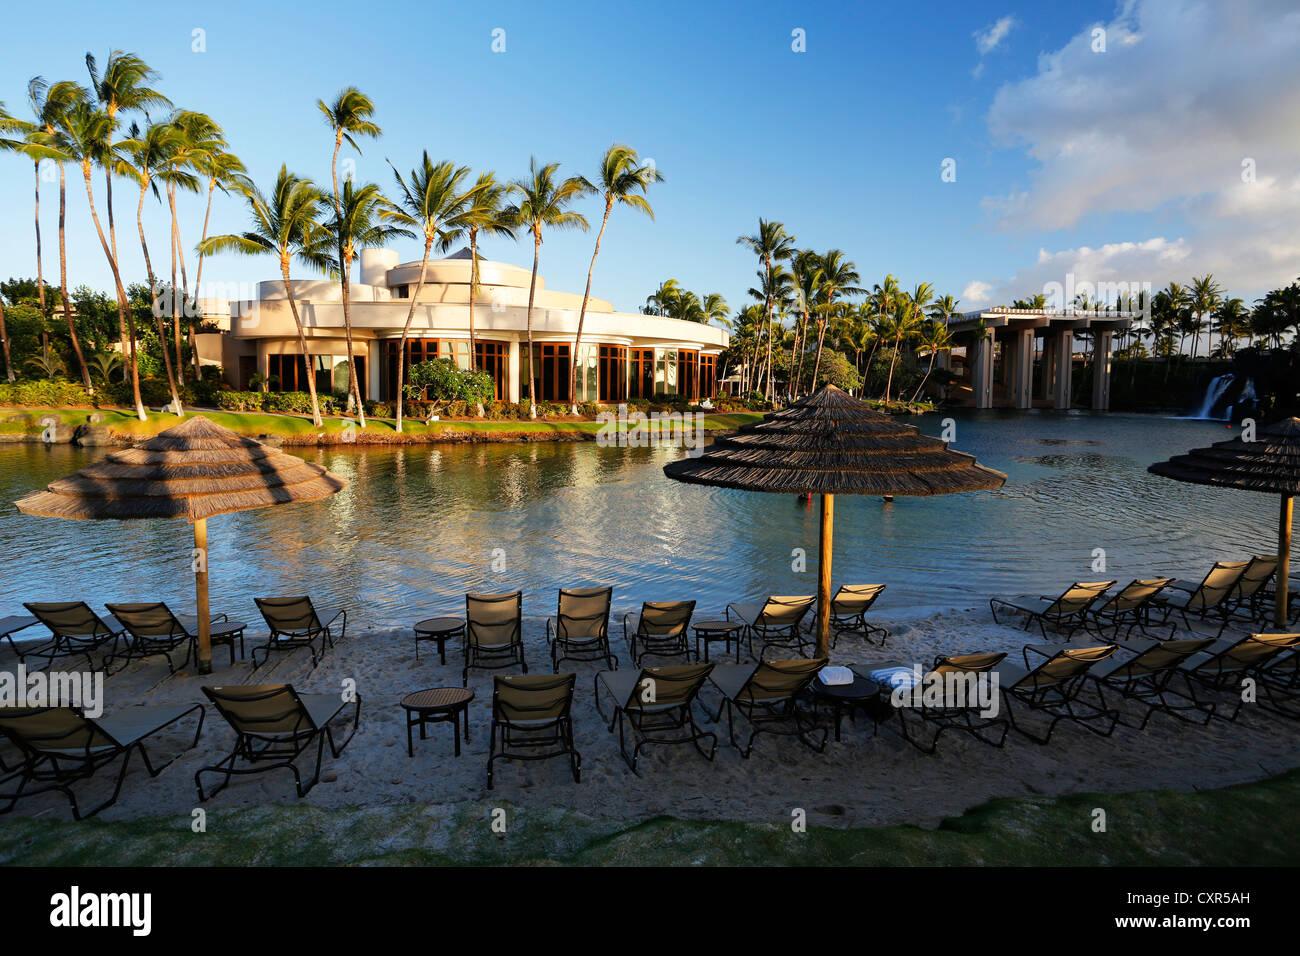 Waikoloa village hawaii immagini waikoloa village hawaii for L hotel della cabina islanda